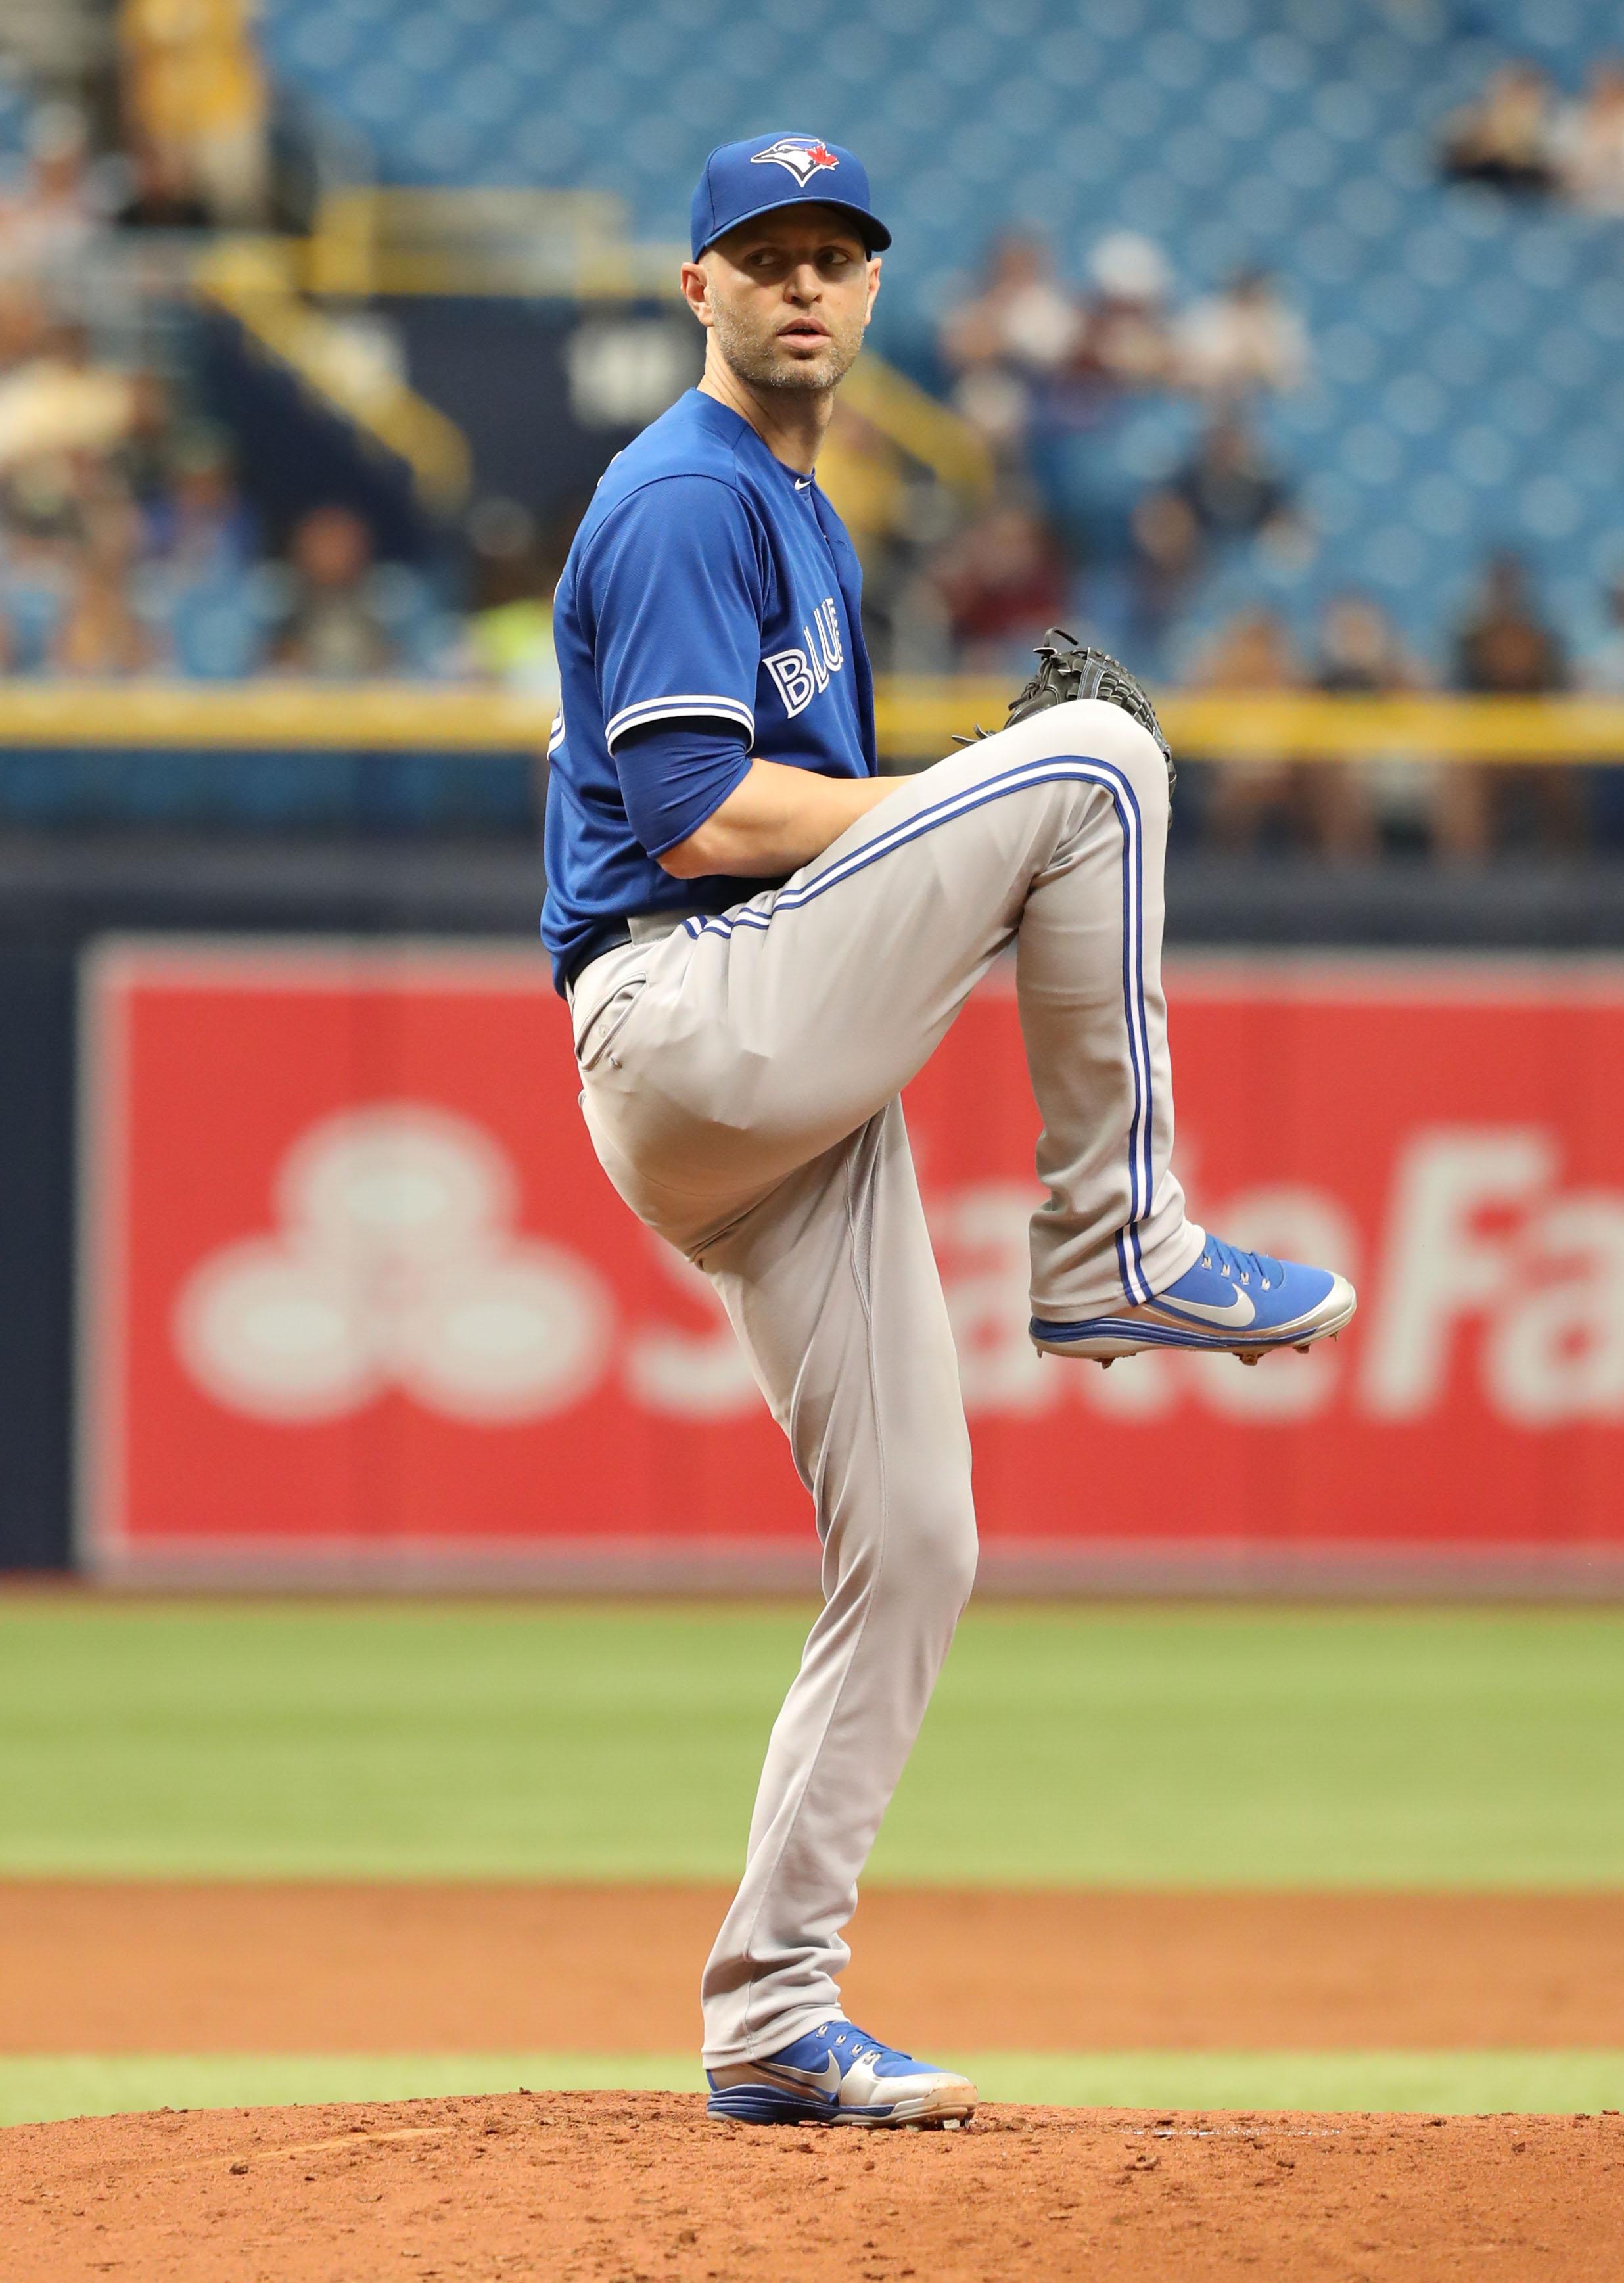 f097ff0fdf5b38 Blue Jays Trade J.A. Happ To Yankees For Brandon Drury - MLB Trade ...